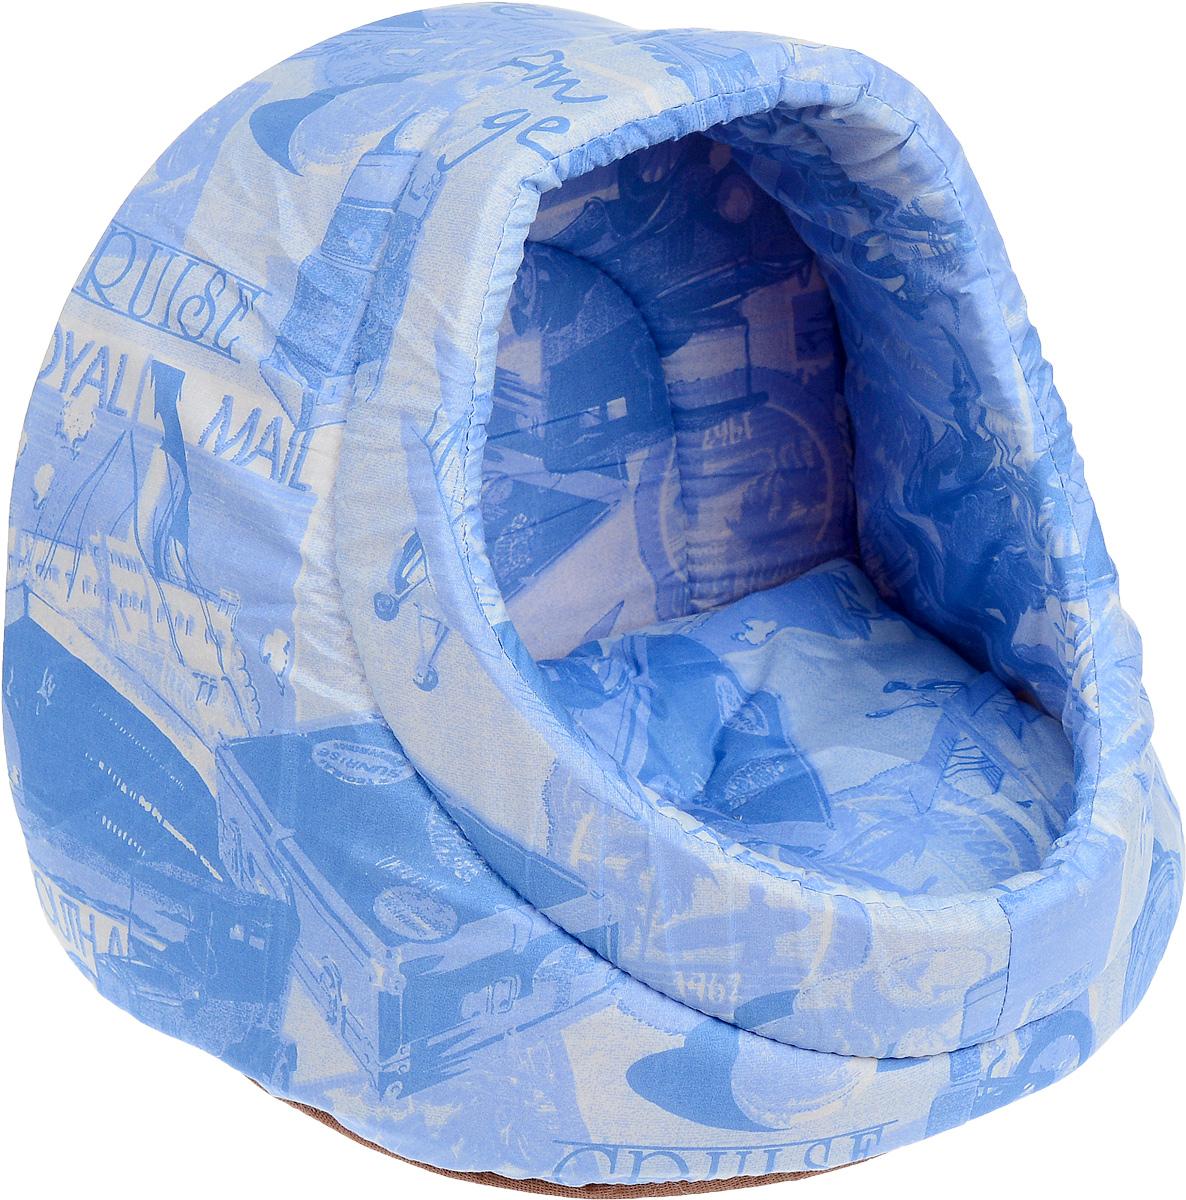 Лежак для кошек Бобровый дворик Ракушка, цвет: голубой, белый, 40 х 33 х 33 см. 6734512Лежак для кошек Бобровый дворик Ракушка станет уютным местом для вашейпушистой любимицы. Лежак представляет собой небольшой домик, напоминающийпо форме ракушку. Изделие выполнено из хлопка с наполнителем из мебельногопоролона повышенной жесткости и спанбонда. Домик прекрасно держит форму, внем вашей кошке будет уютно, мягко и комфортно. Там она сможет подремать,отдохнуть и просто спрятаться.